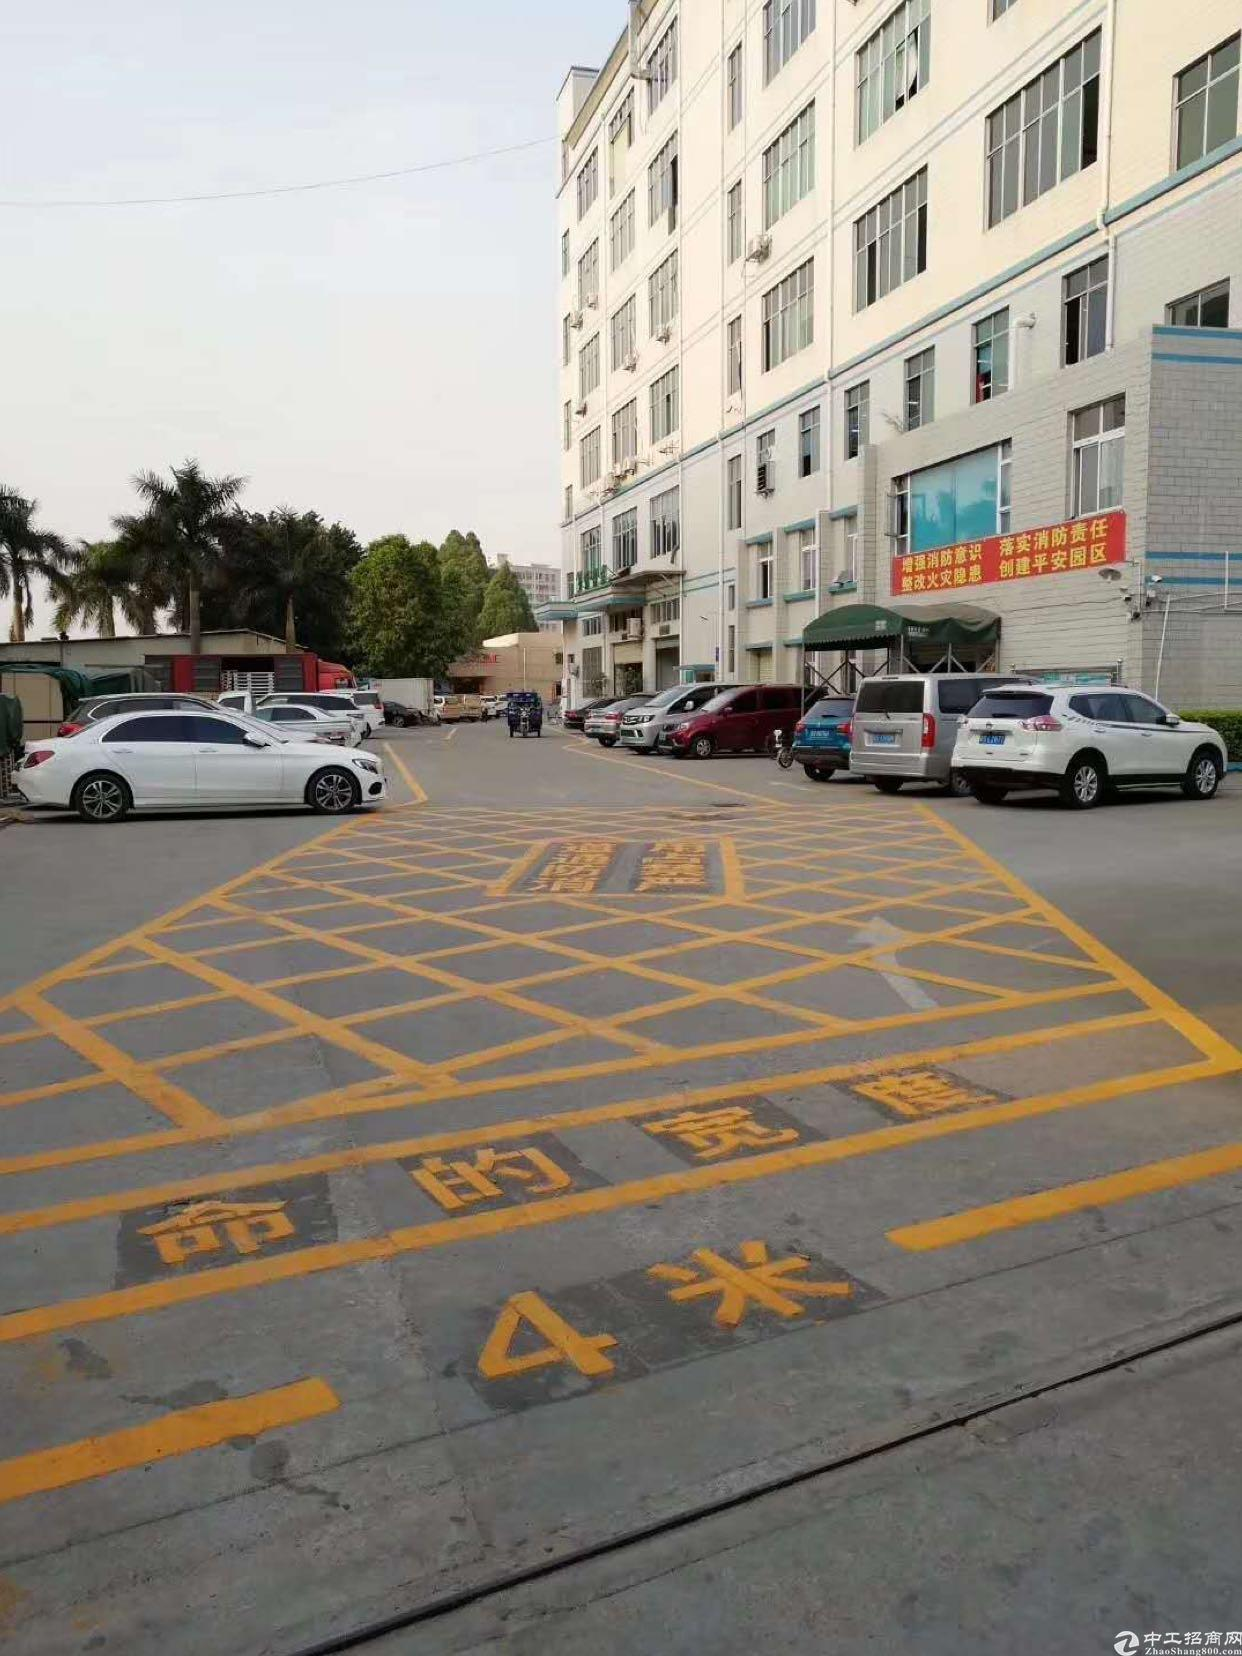 招租:观澜牛湖新出工业园区厂房楼上420平方(精装修)